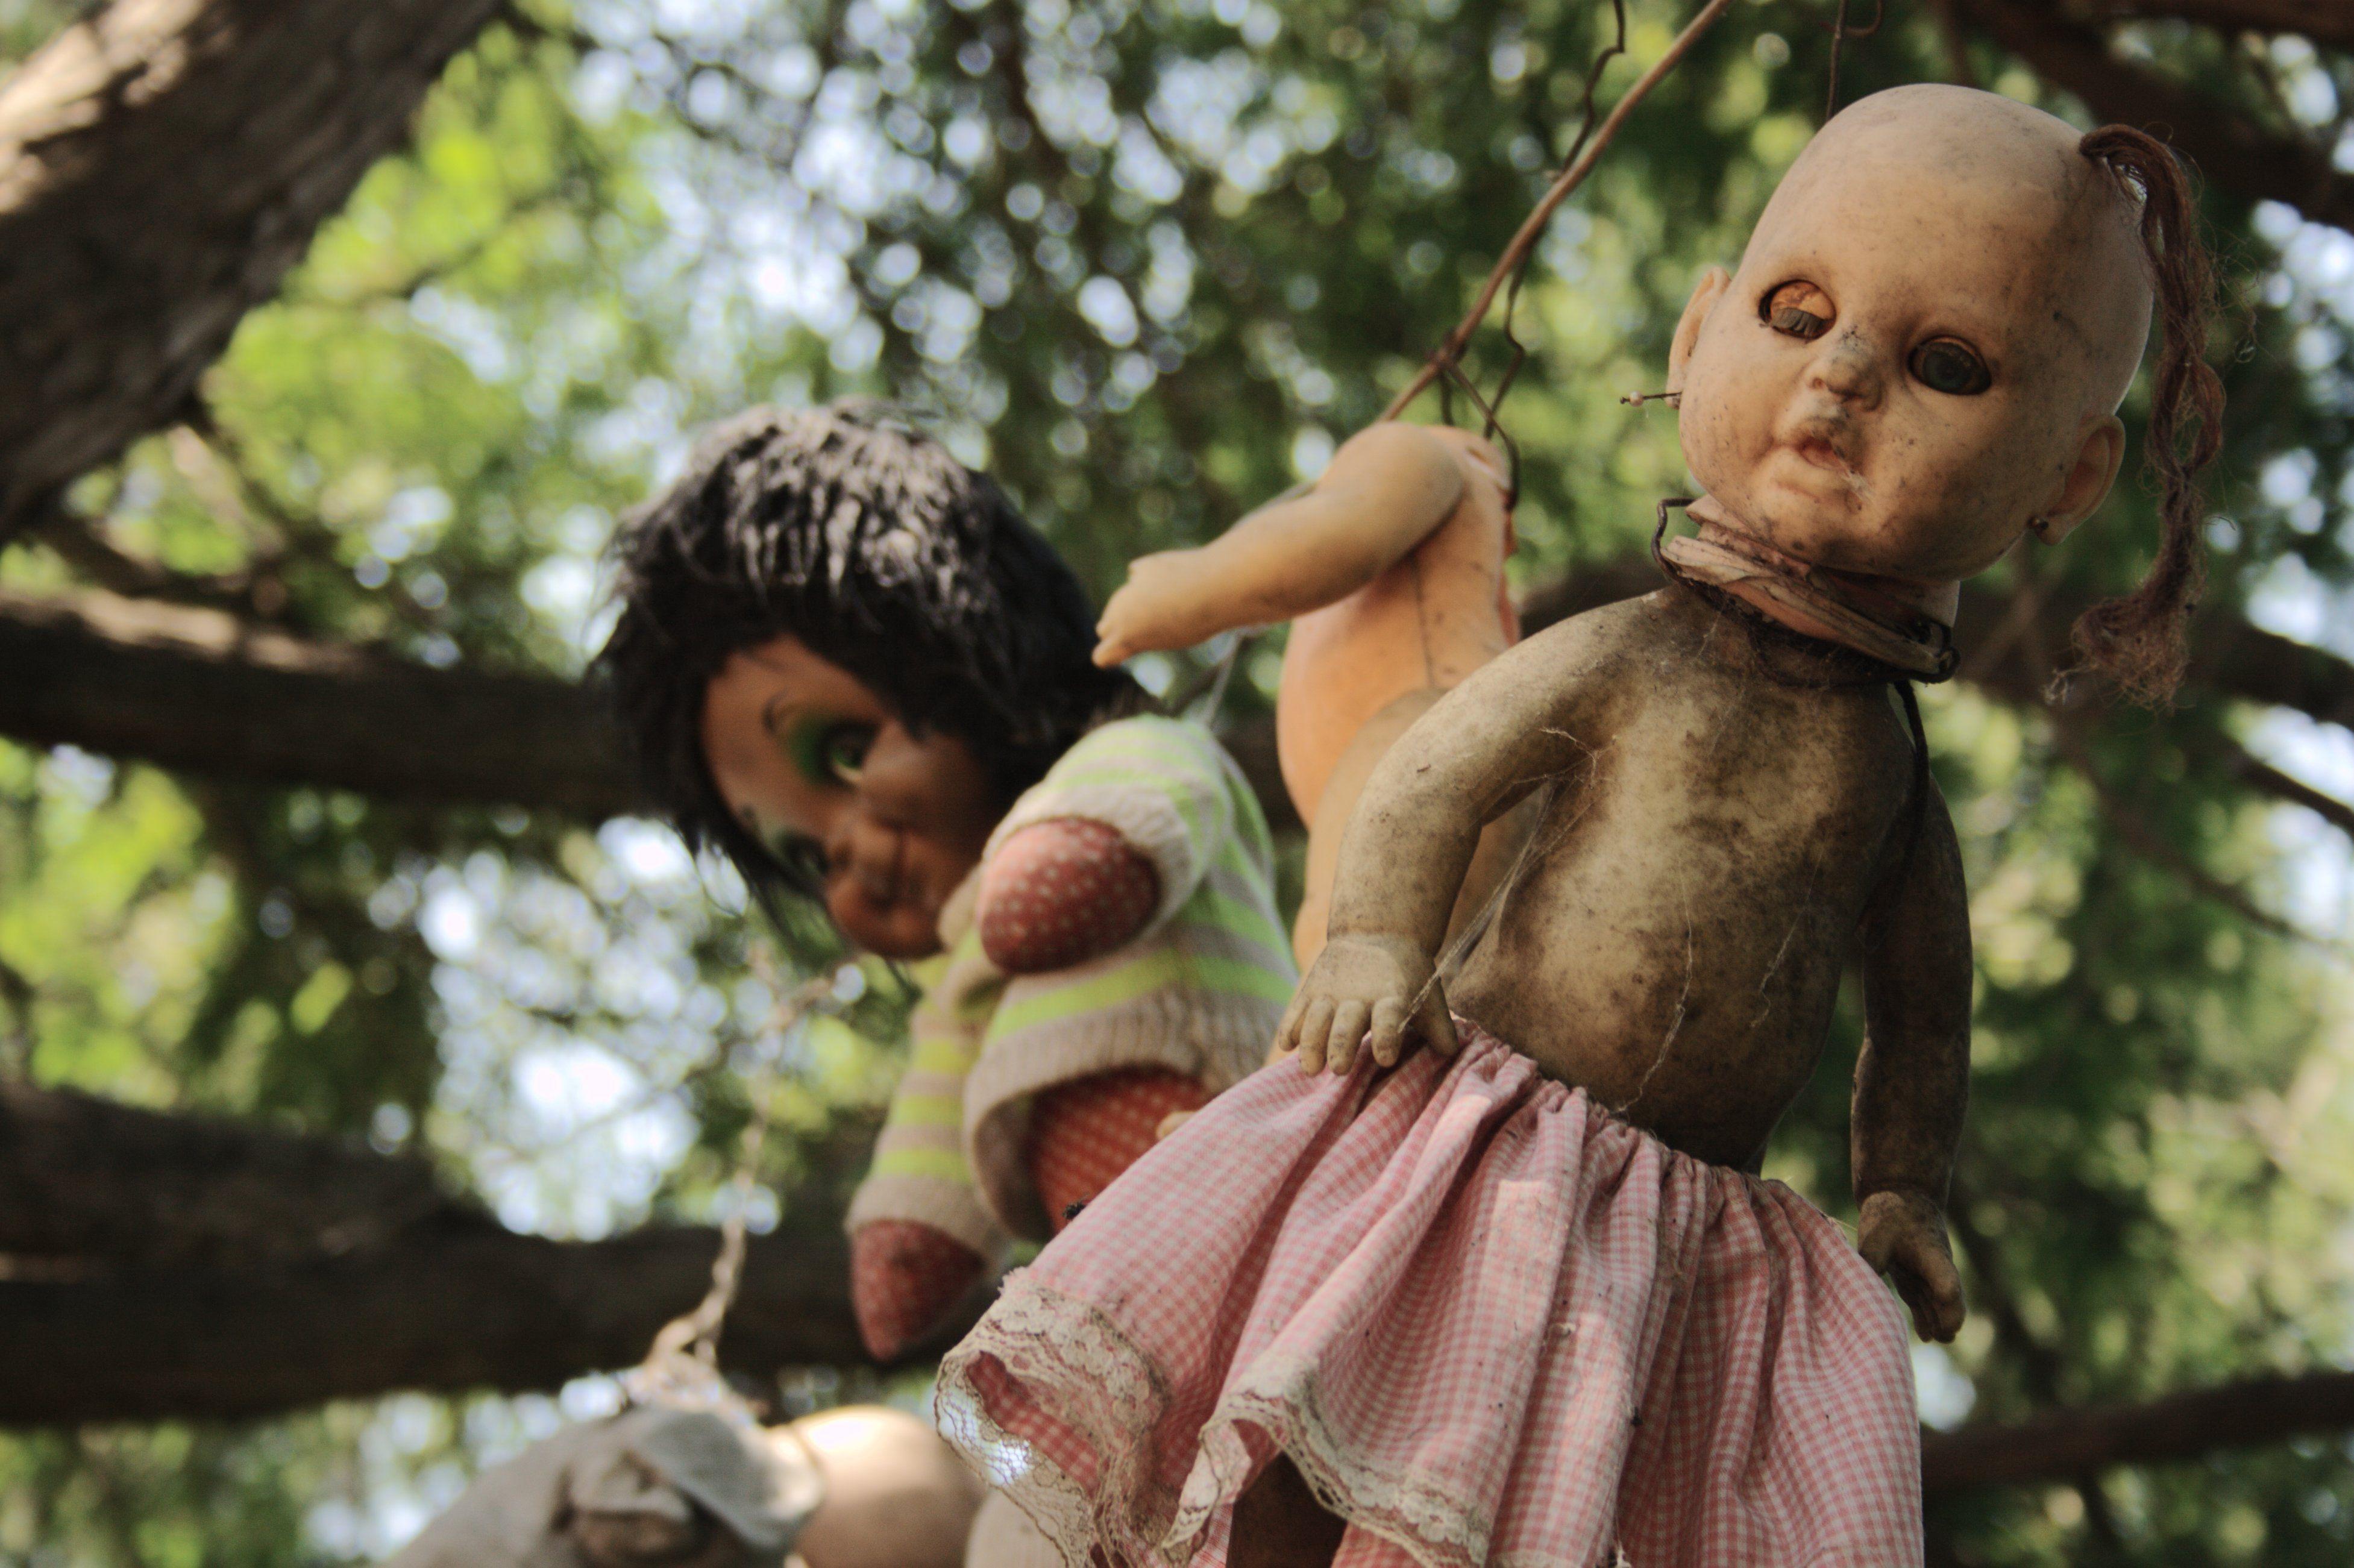 Casas embrujadas en Latinoamérica